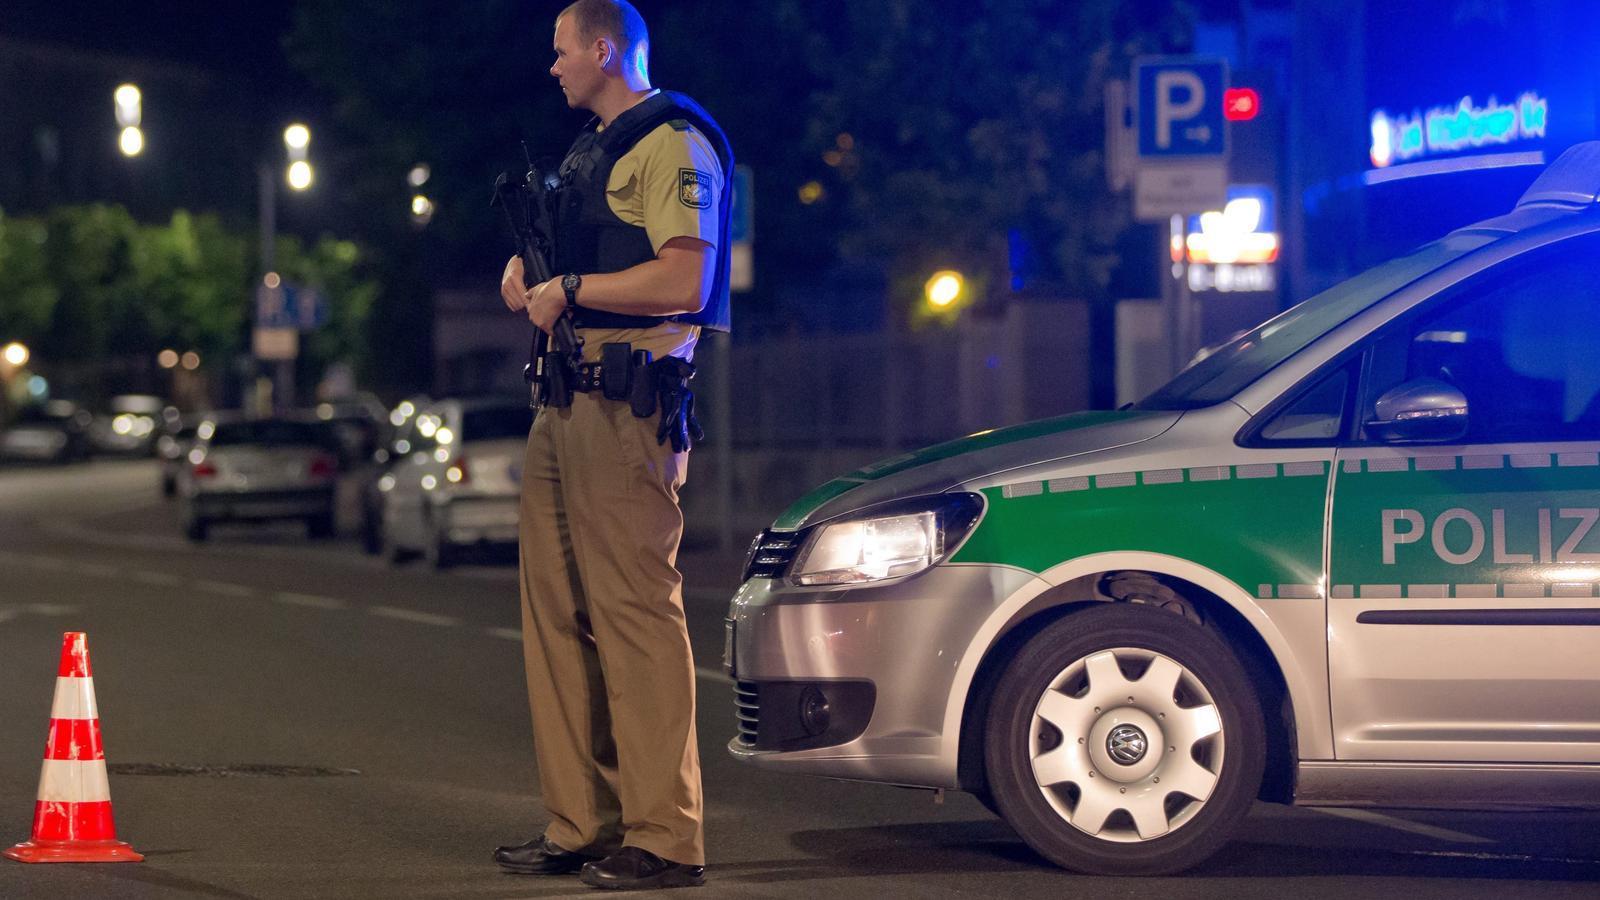 Un policia armat aquest diumenge a la ciutat alemanya d'Ansbach, on hi ha hagut una explosió